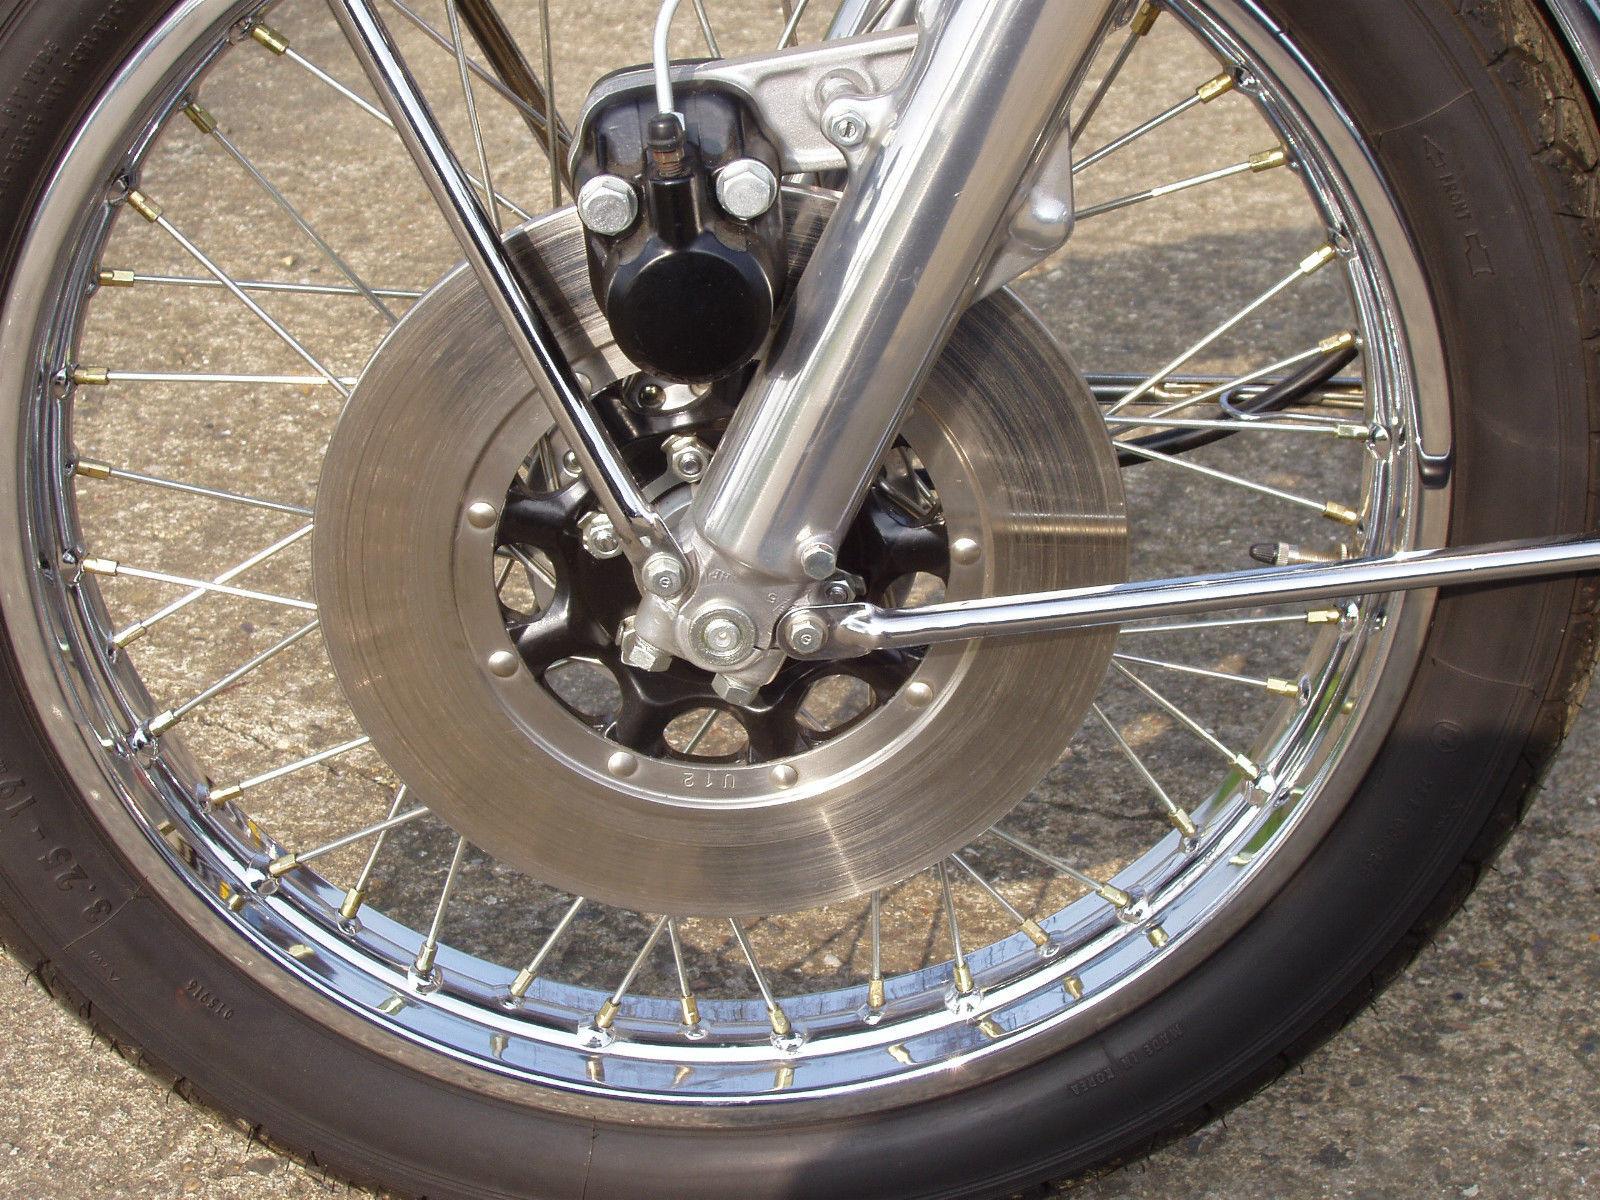 Honda CB500 Four - 1971 - Front Brake, Disc, Wheel, Spokes and Fork Lower.